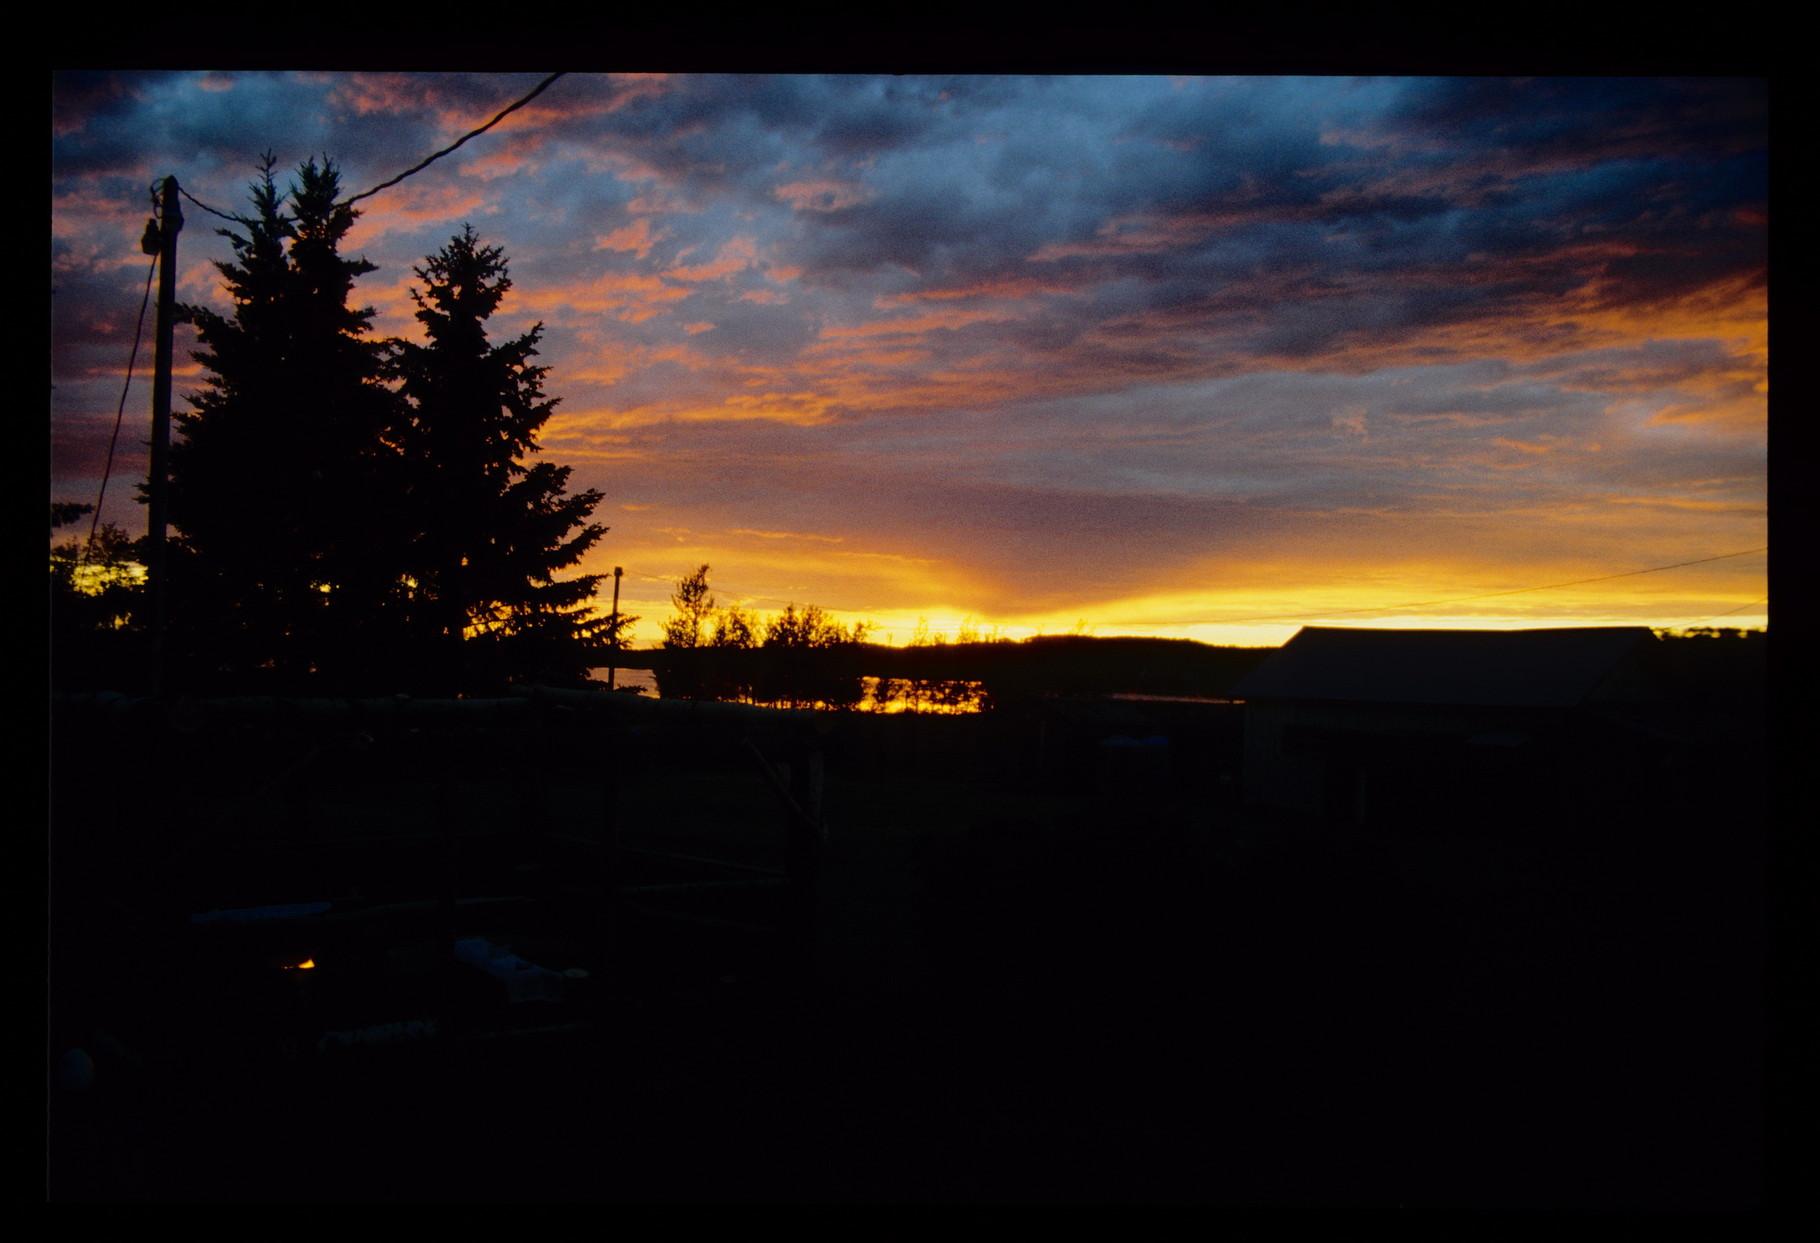 Sonnenuntergang auf der Ranch von Diana und Eckhard